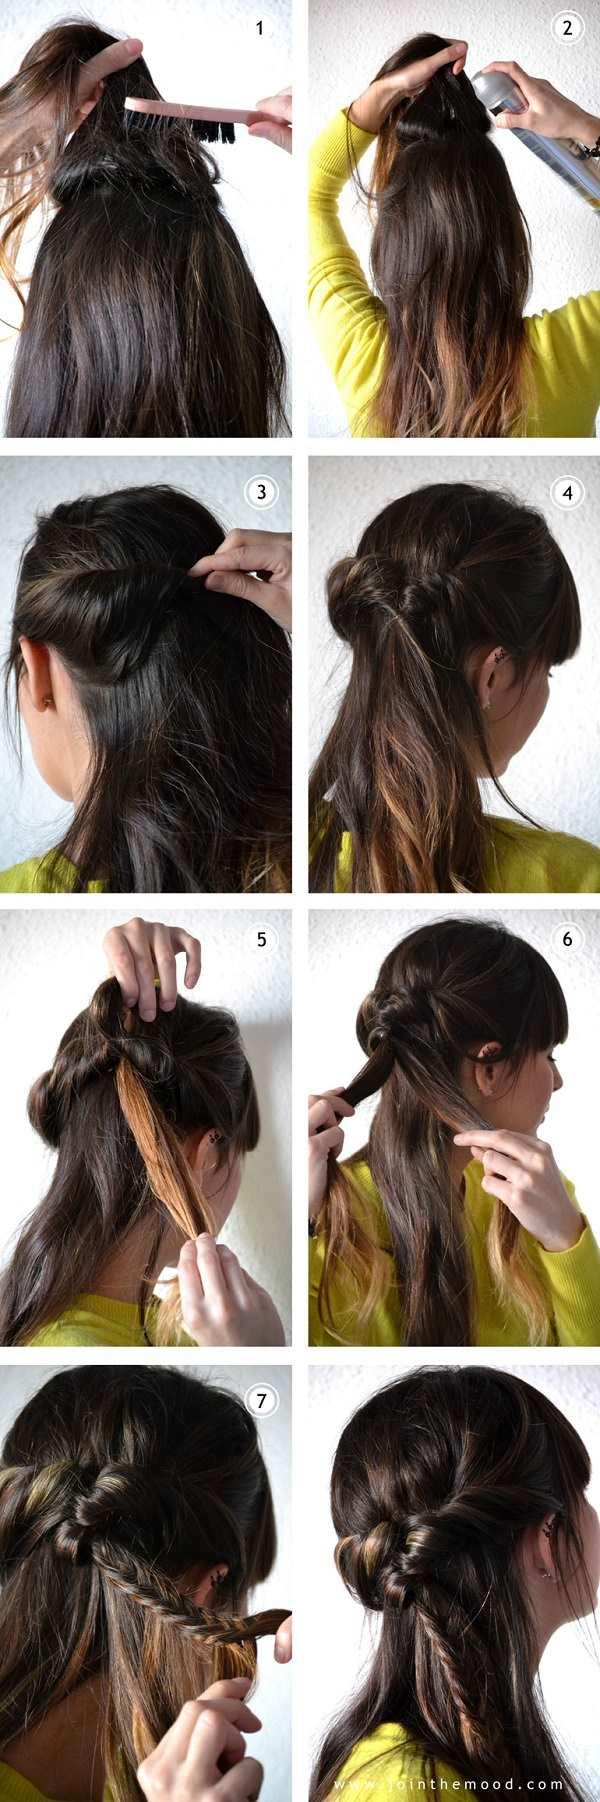 Twist Braid Hairstyle Tutorial